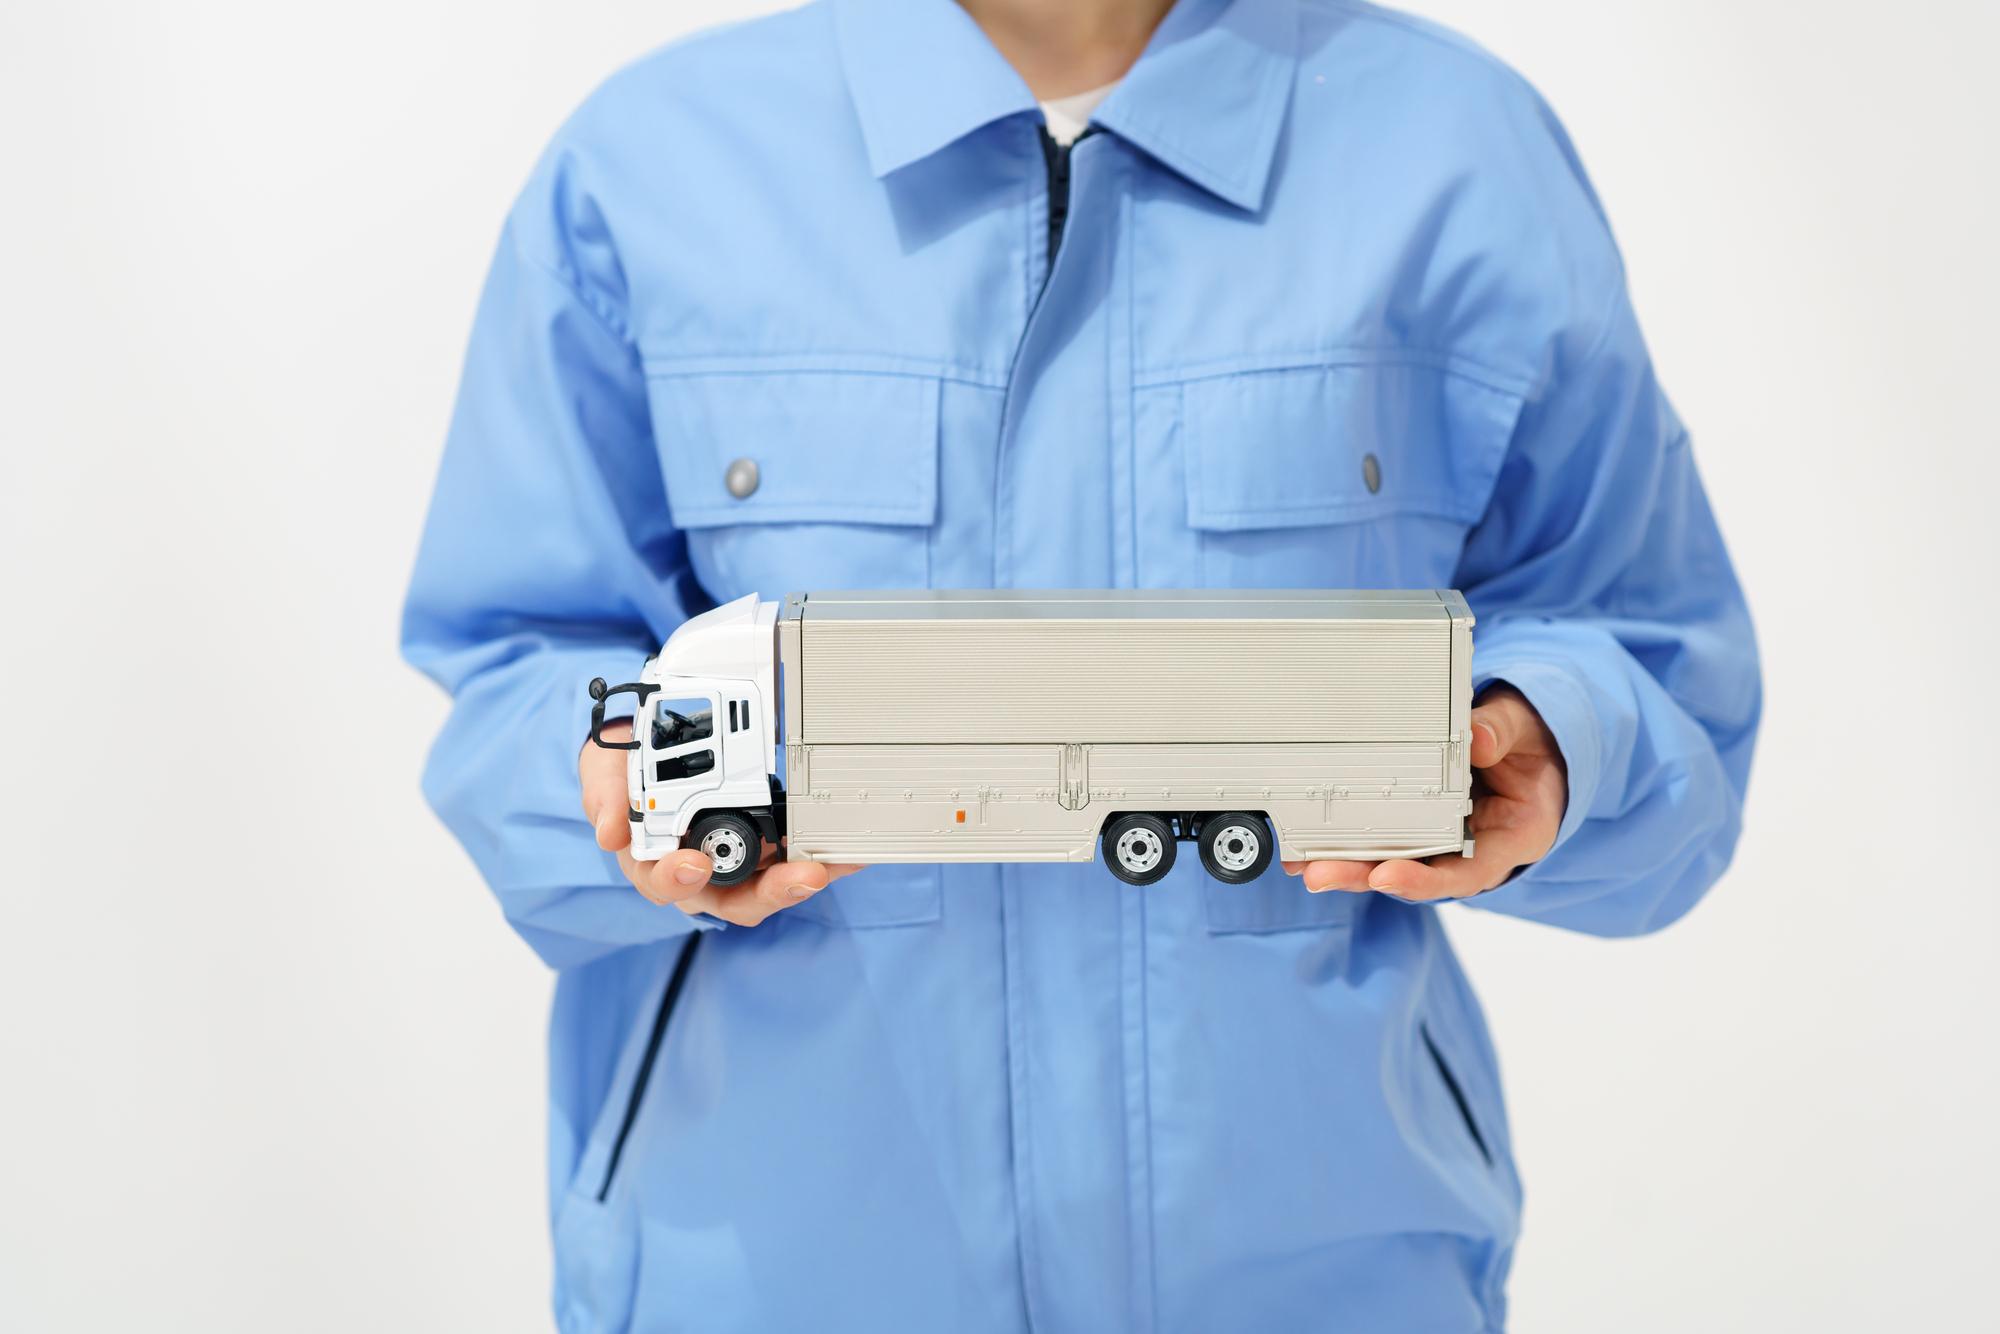 トラックの模型を持った人